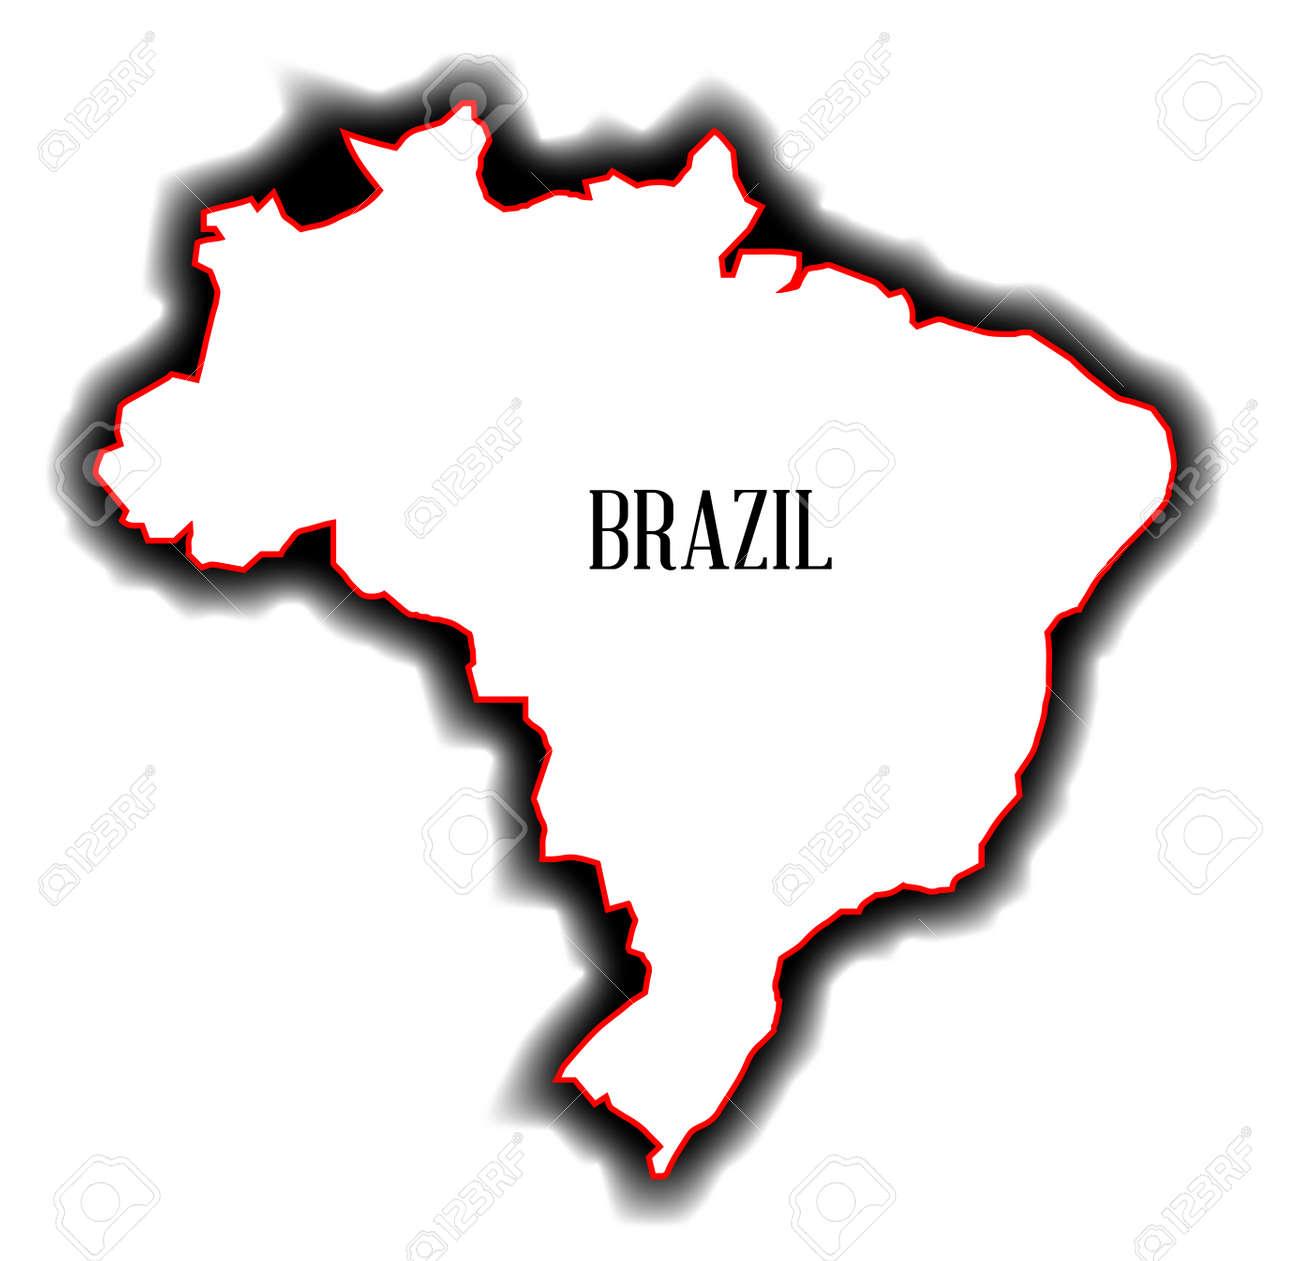 Carte Muette Bresil.Carte Muette Du Pays Sud Americain Du Bresil Clip Art Libres De